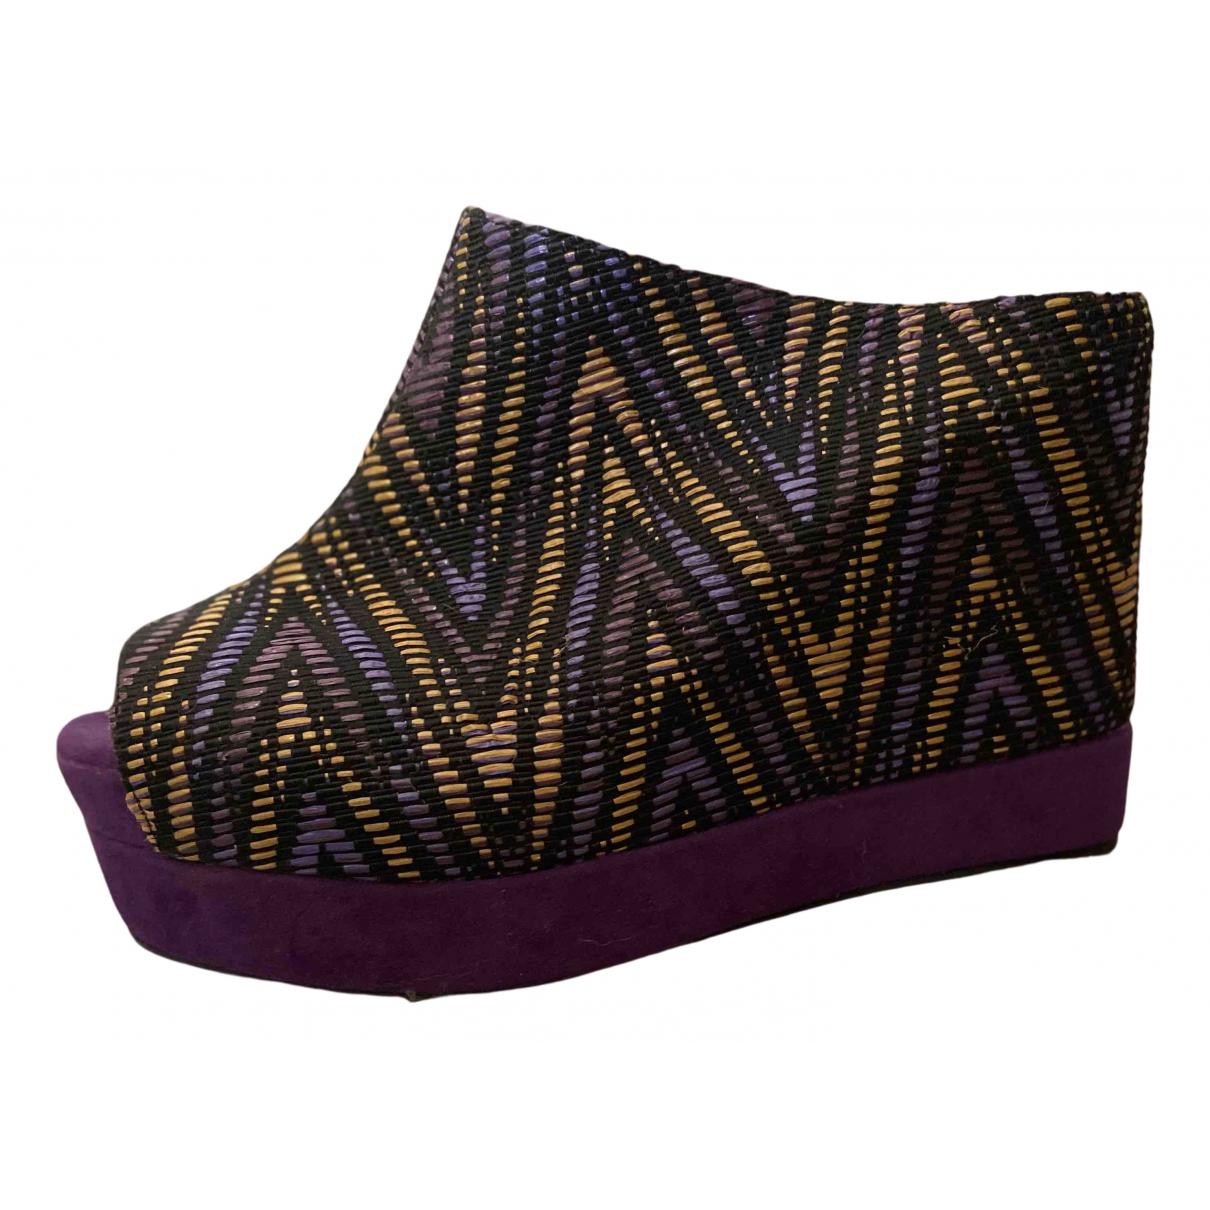 Jeffrey Campbell - Sabots   pour femme en cuir - violet